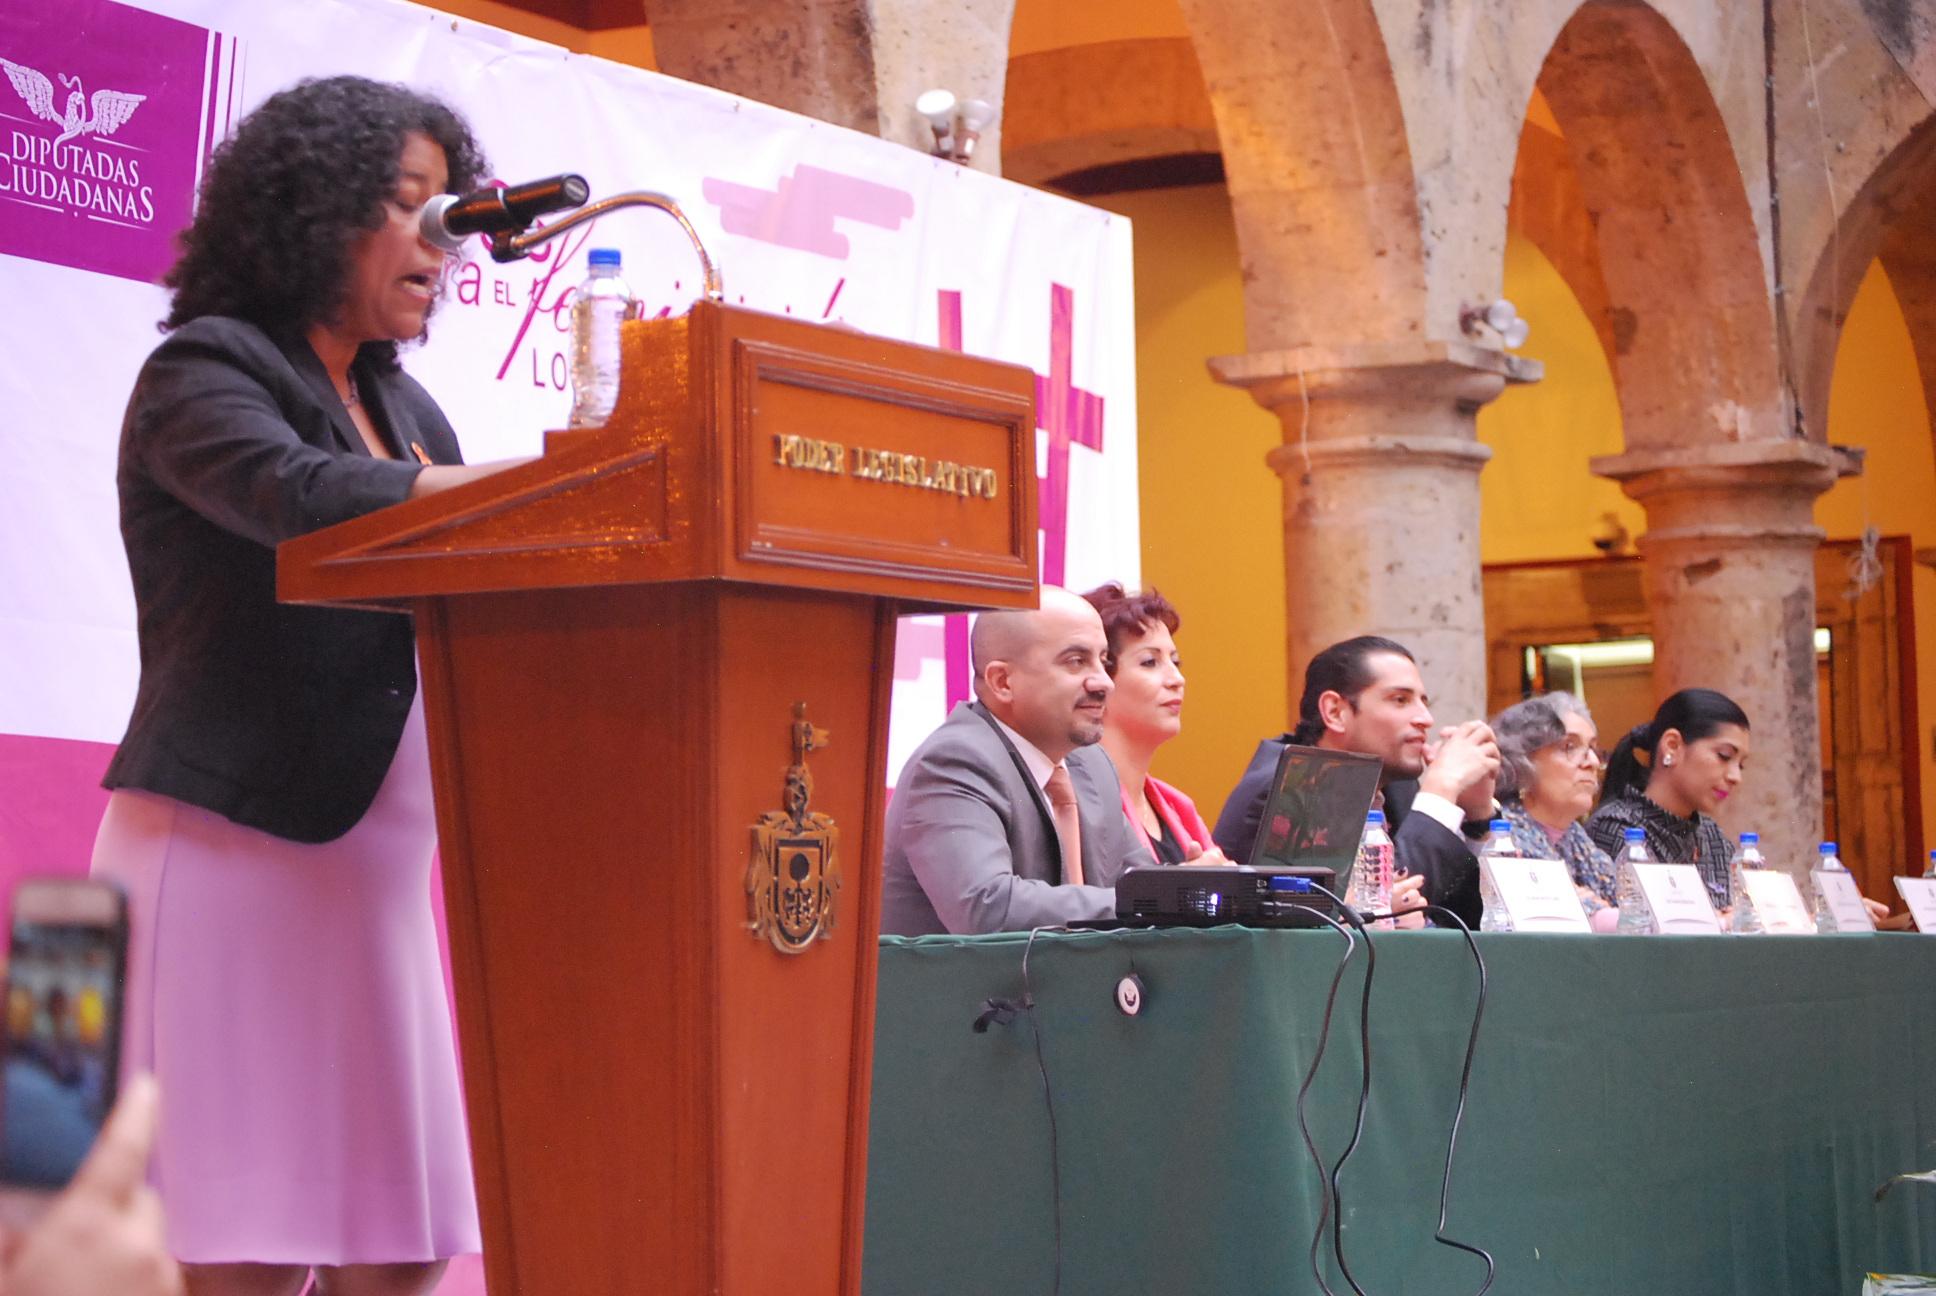 JALISCO NO CANTA MAL LAS RANCHERAS EN EL TEMA DE LA VIOLENCIA DE GÉNERO: DIPUTADA CANDELARIA OCHOA